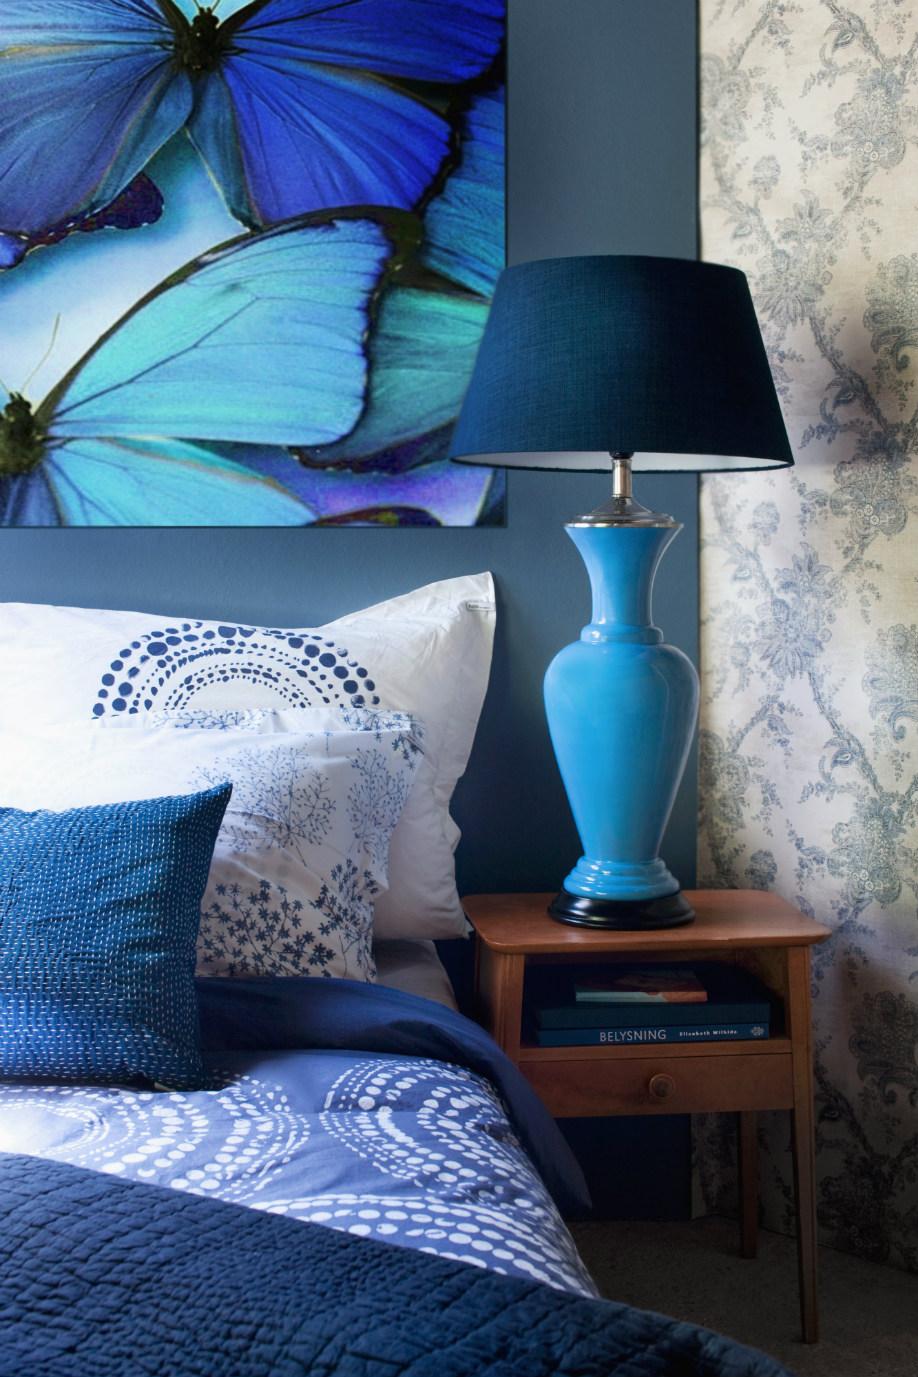 westwing-blau-schlafzimmer-mit-bild